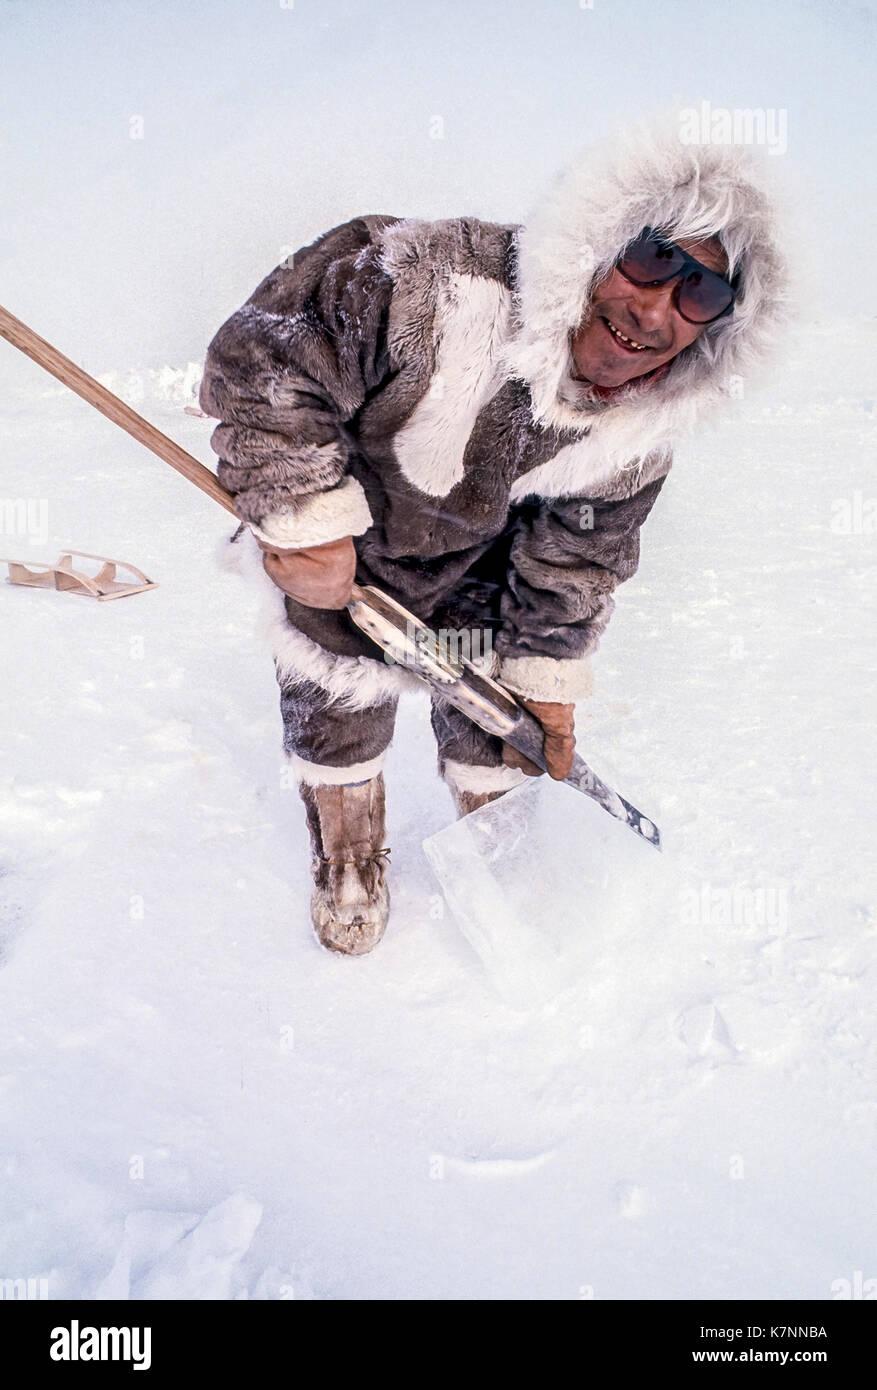 Hombre anciano inuit, a mediados de los 60s, vestidos con ropa tradicional de piel de caribú, plantea con la herramienta que se utiliza para cortar bloques de hielo para construir igloos. Imagen De Stock